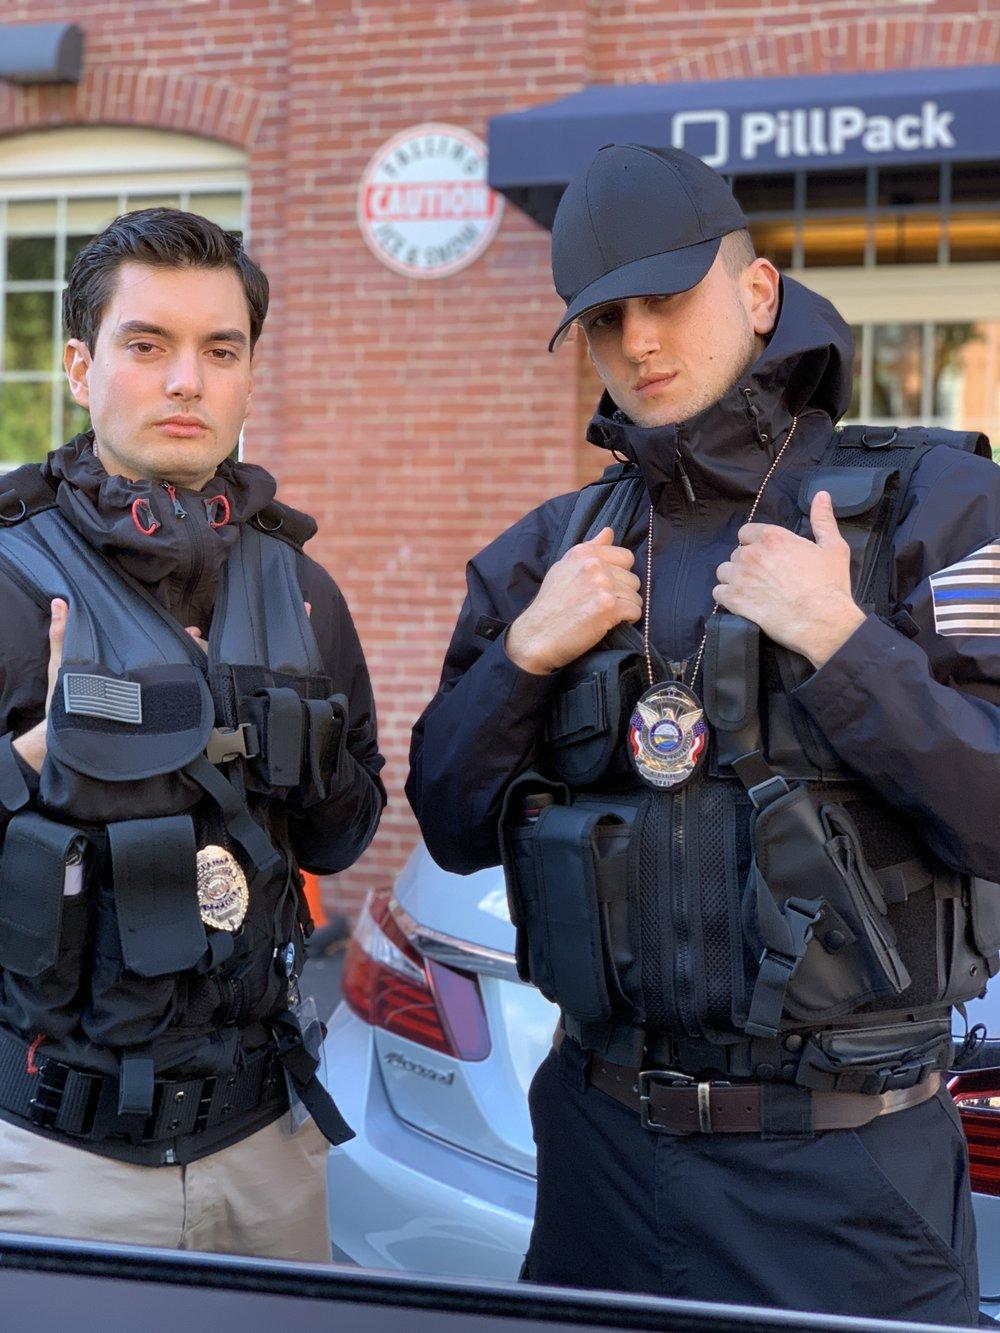 two-unarmed-security-officers.jpg